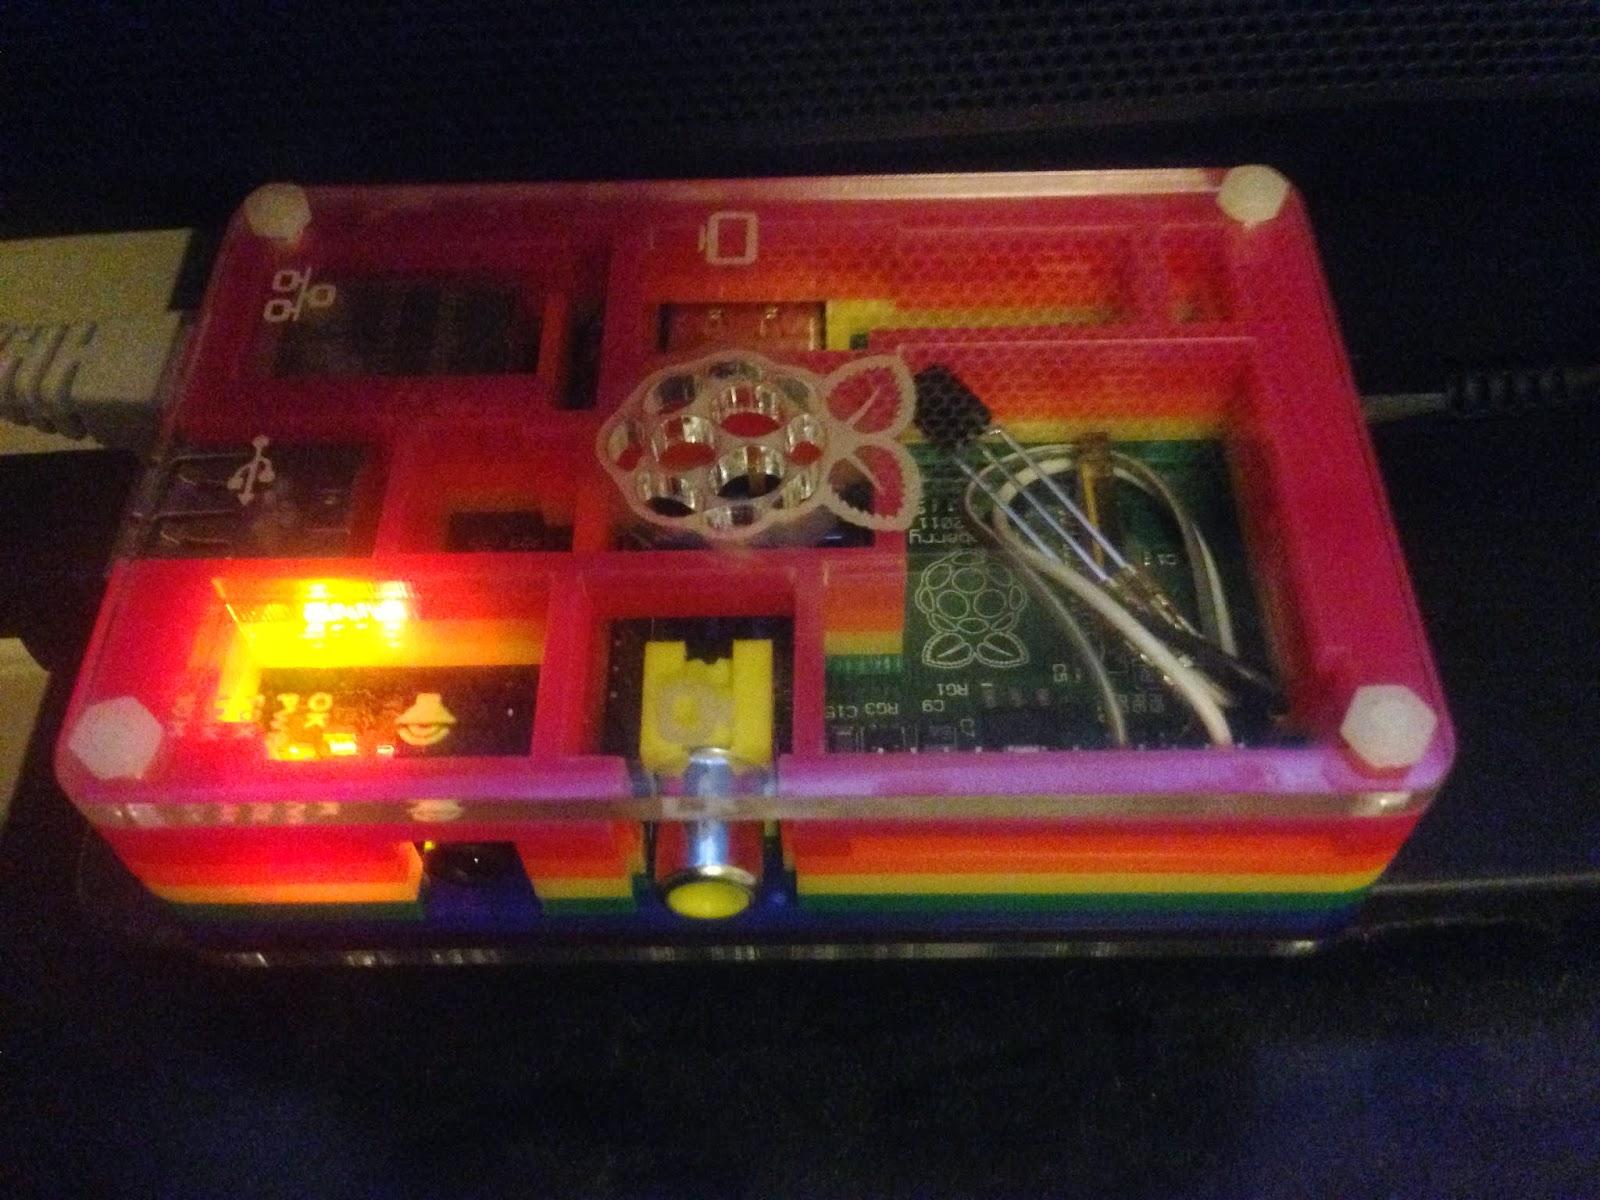 Astro-Beano: Raspberry Pi XBMC infrared remote control